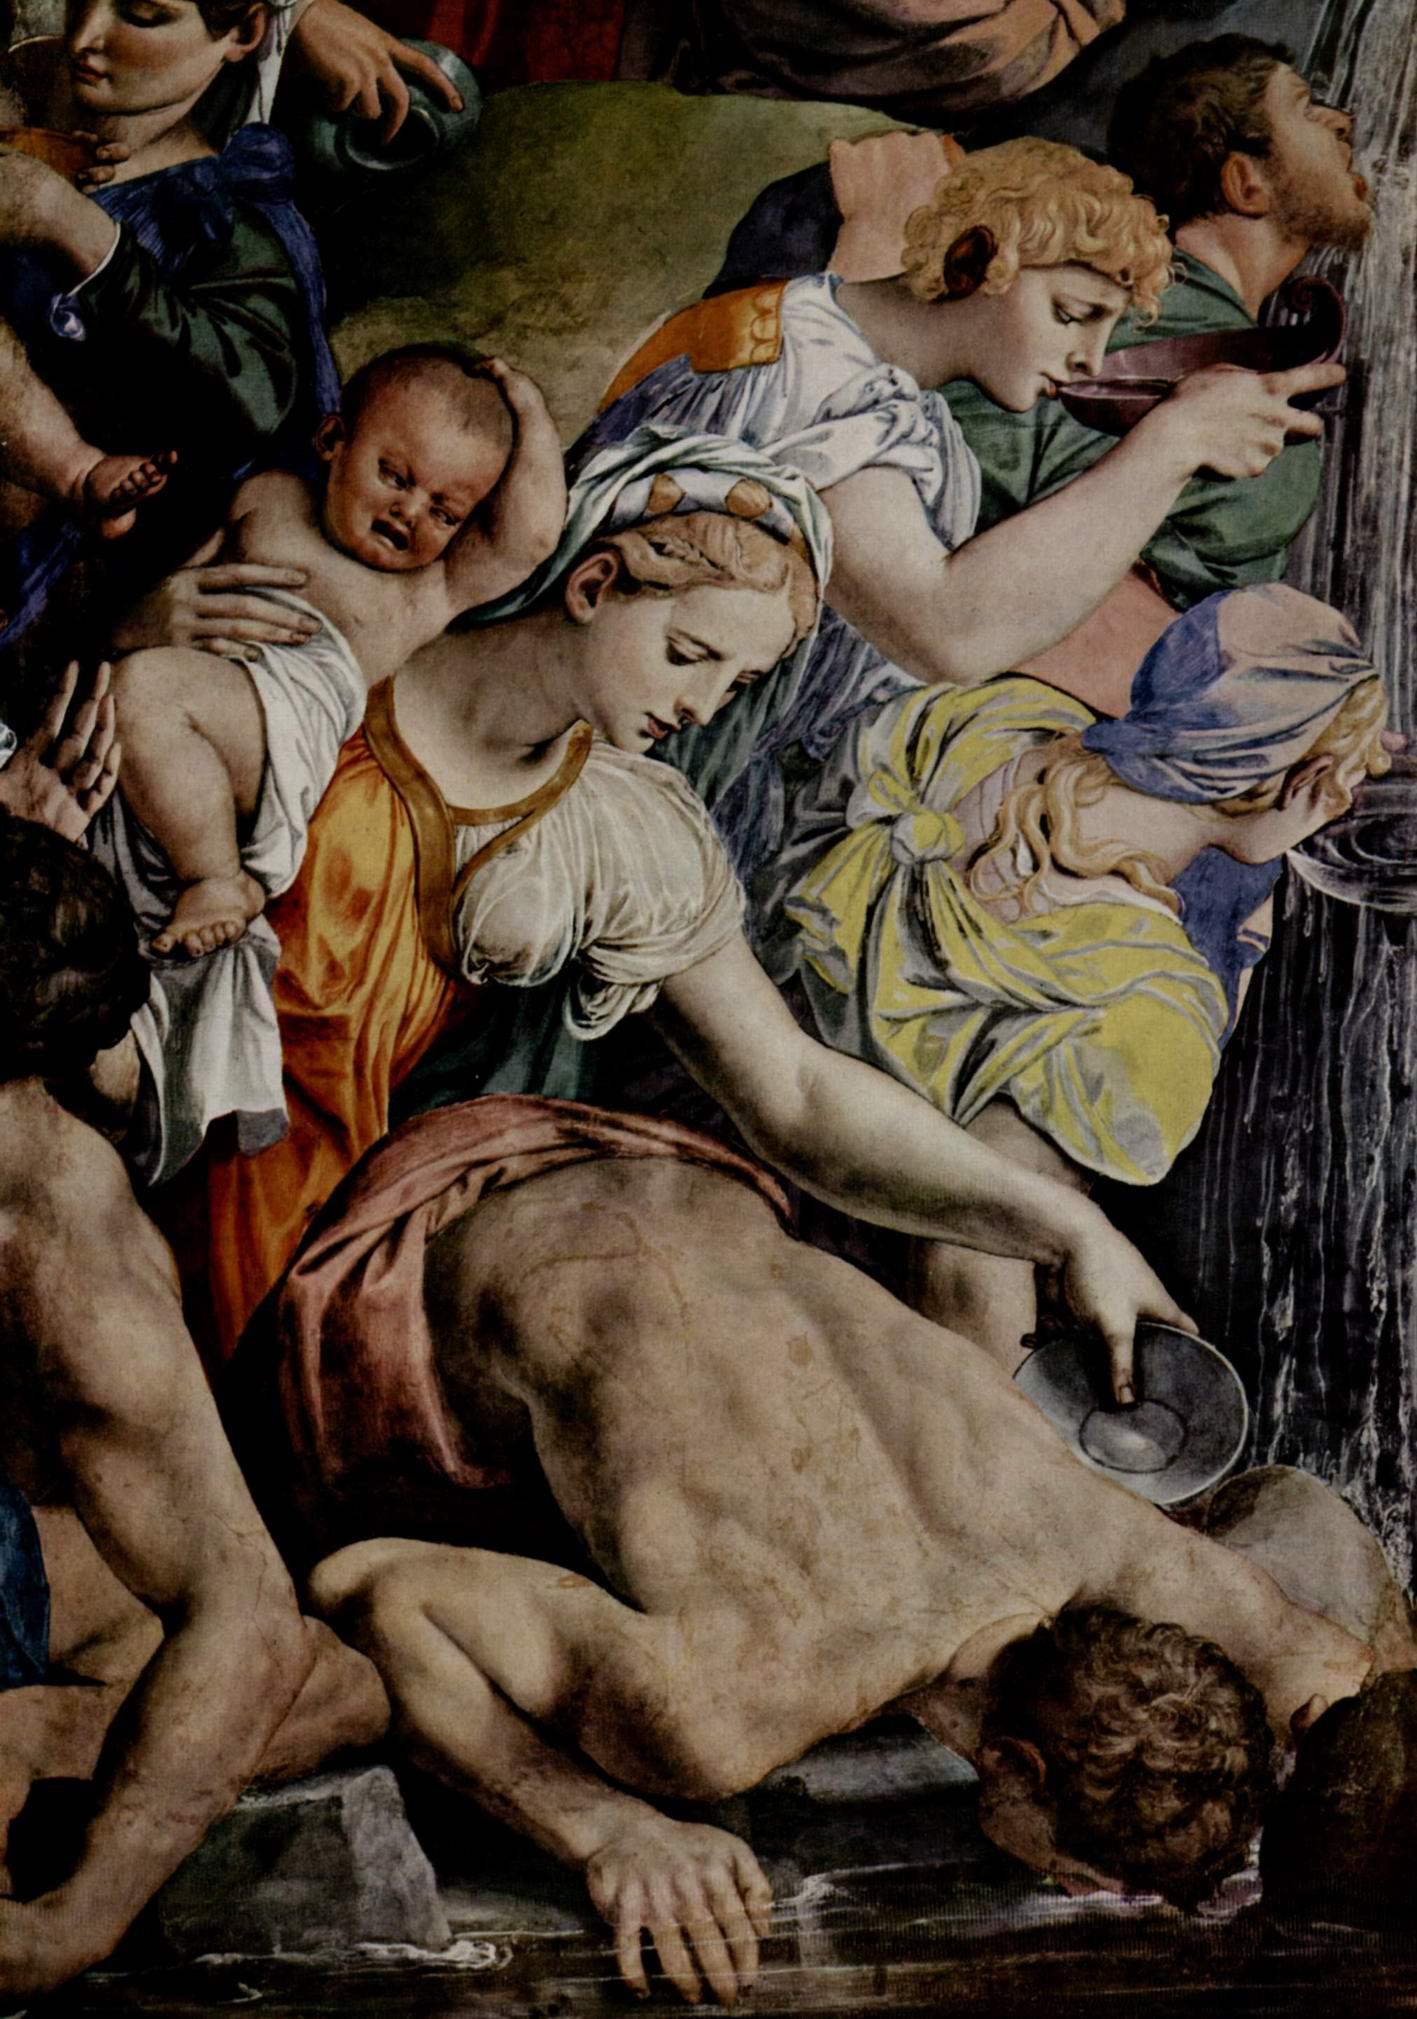 Фрески капеллы Элеоноры Толедской в Палаццо Веккио во Флоренции, левая стена  Моисей иссекает воду из скалы, Бронзино Аньоло